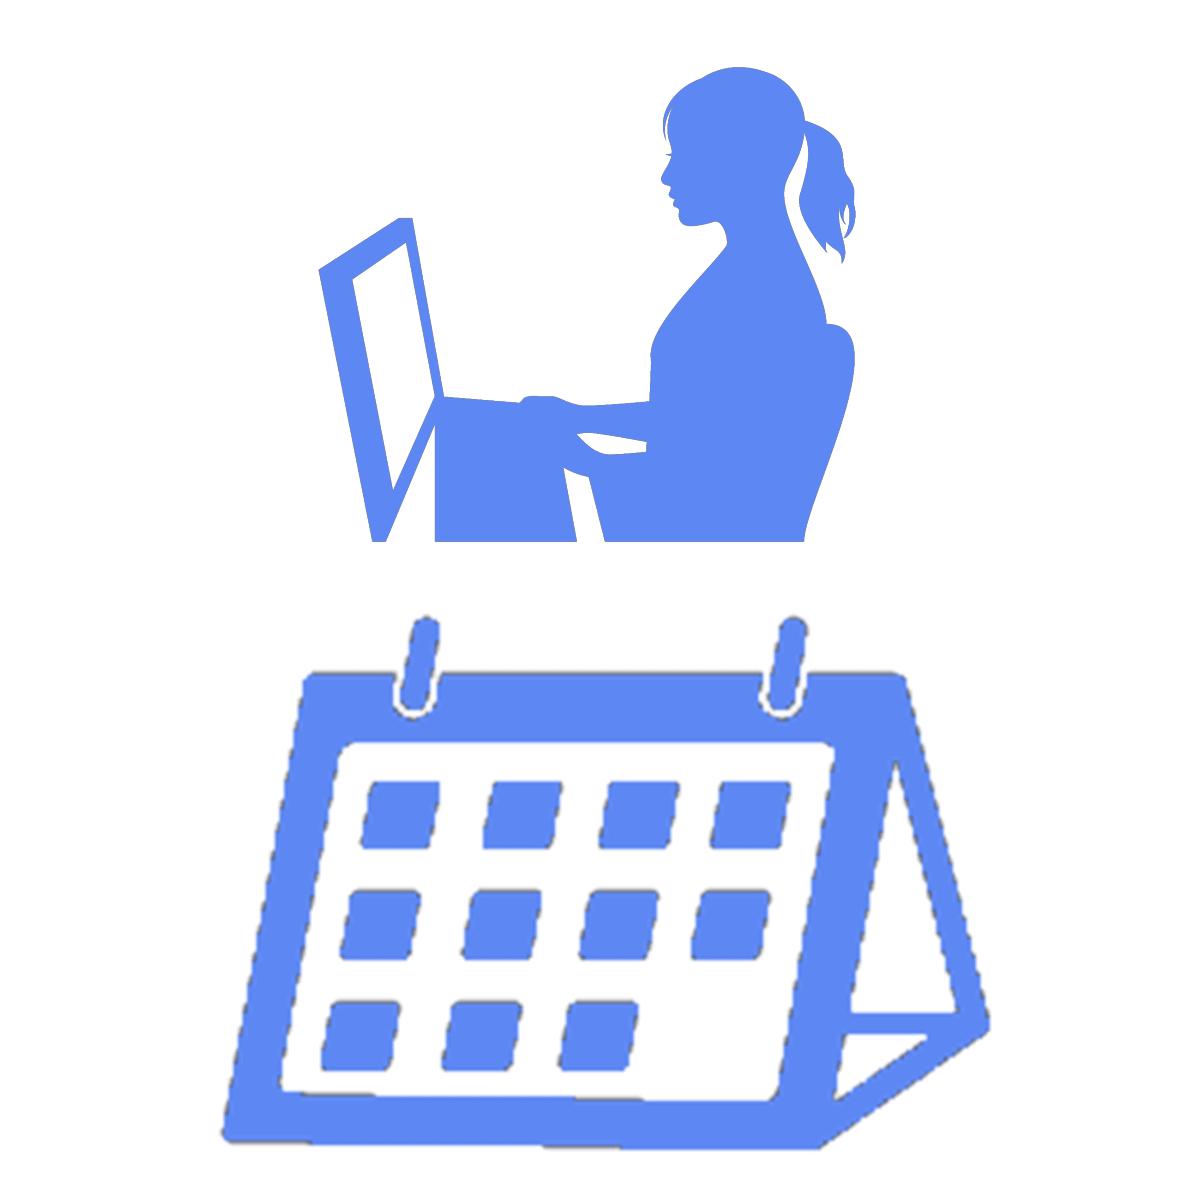 オンラインカウンセリングの予約状況を表すイラスト